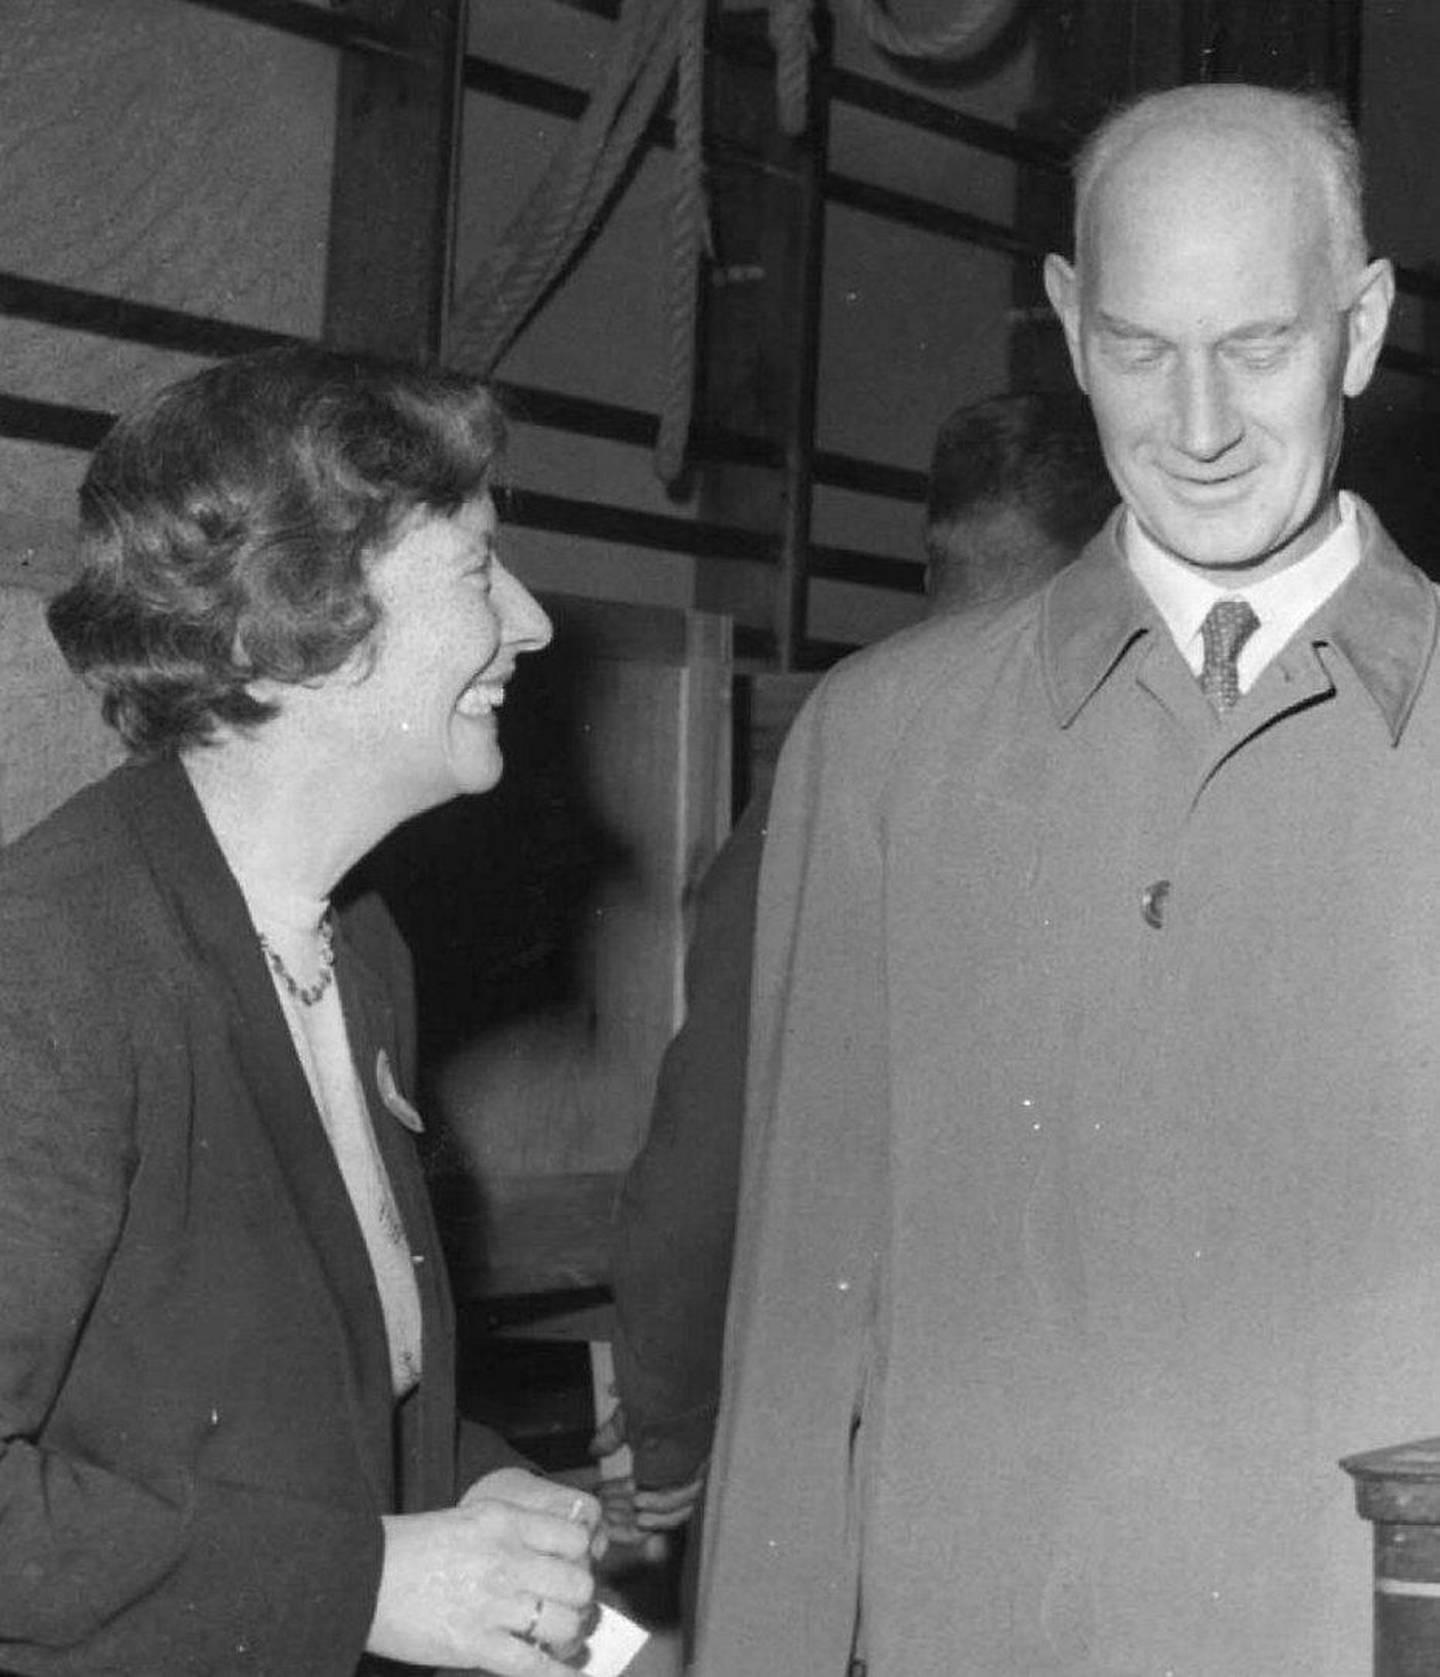 En foredragsstjerne i lokale kvinneforeninger, Werna Gerhardsen, avgir sin stemme på Hersleb skole under stortingsvalget i 1957, sammen med mannen Einar.